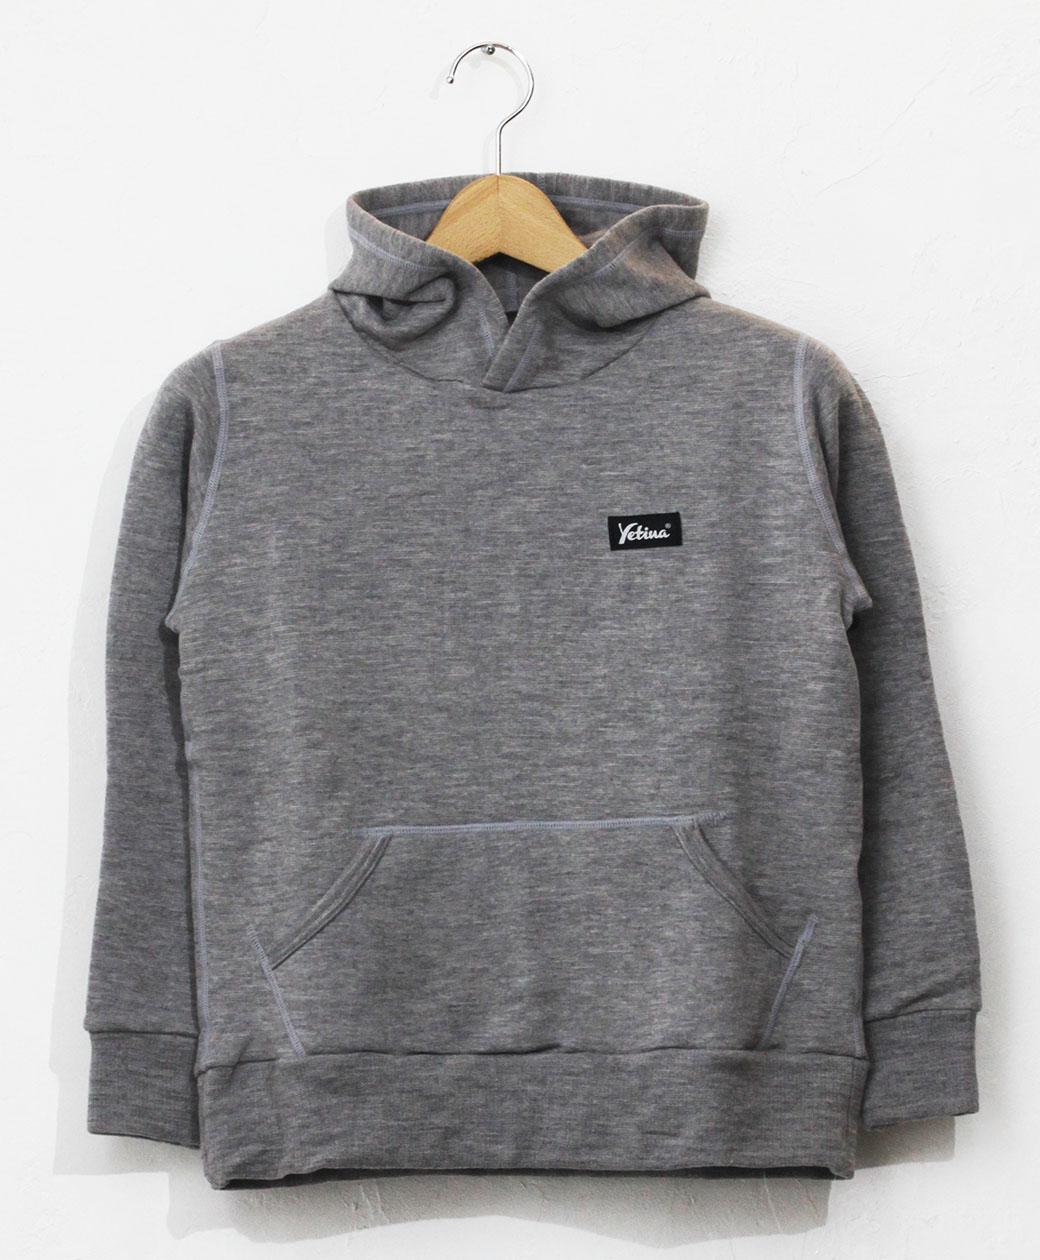 yetina kids pullover hoodie(heather gray)